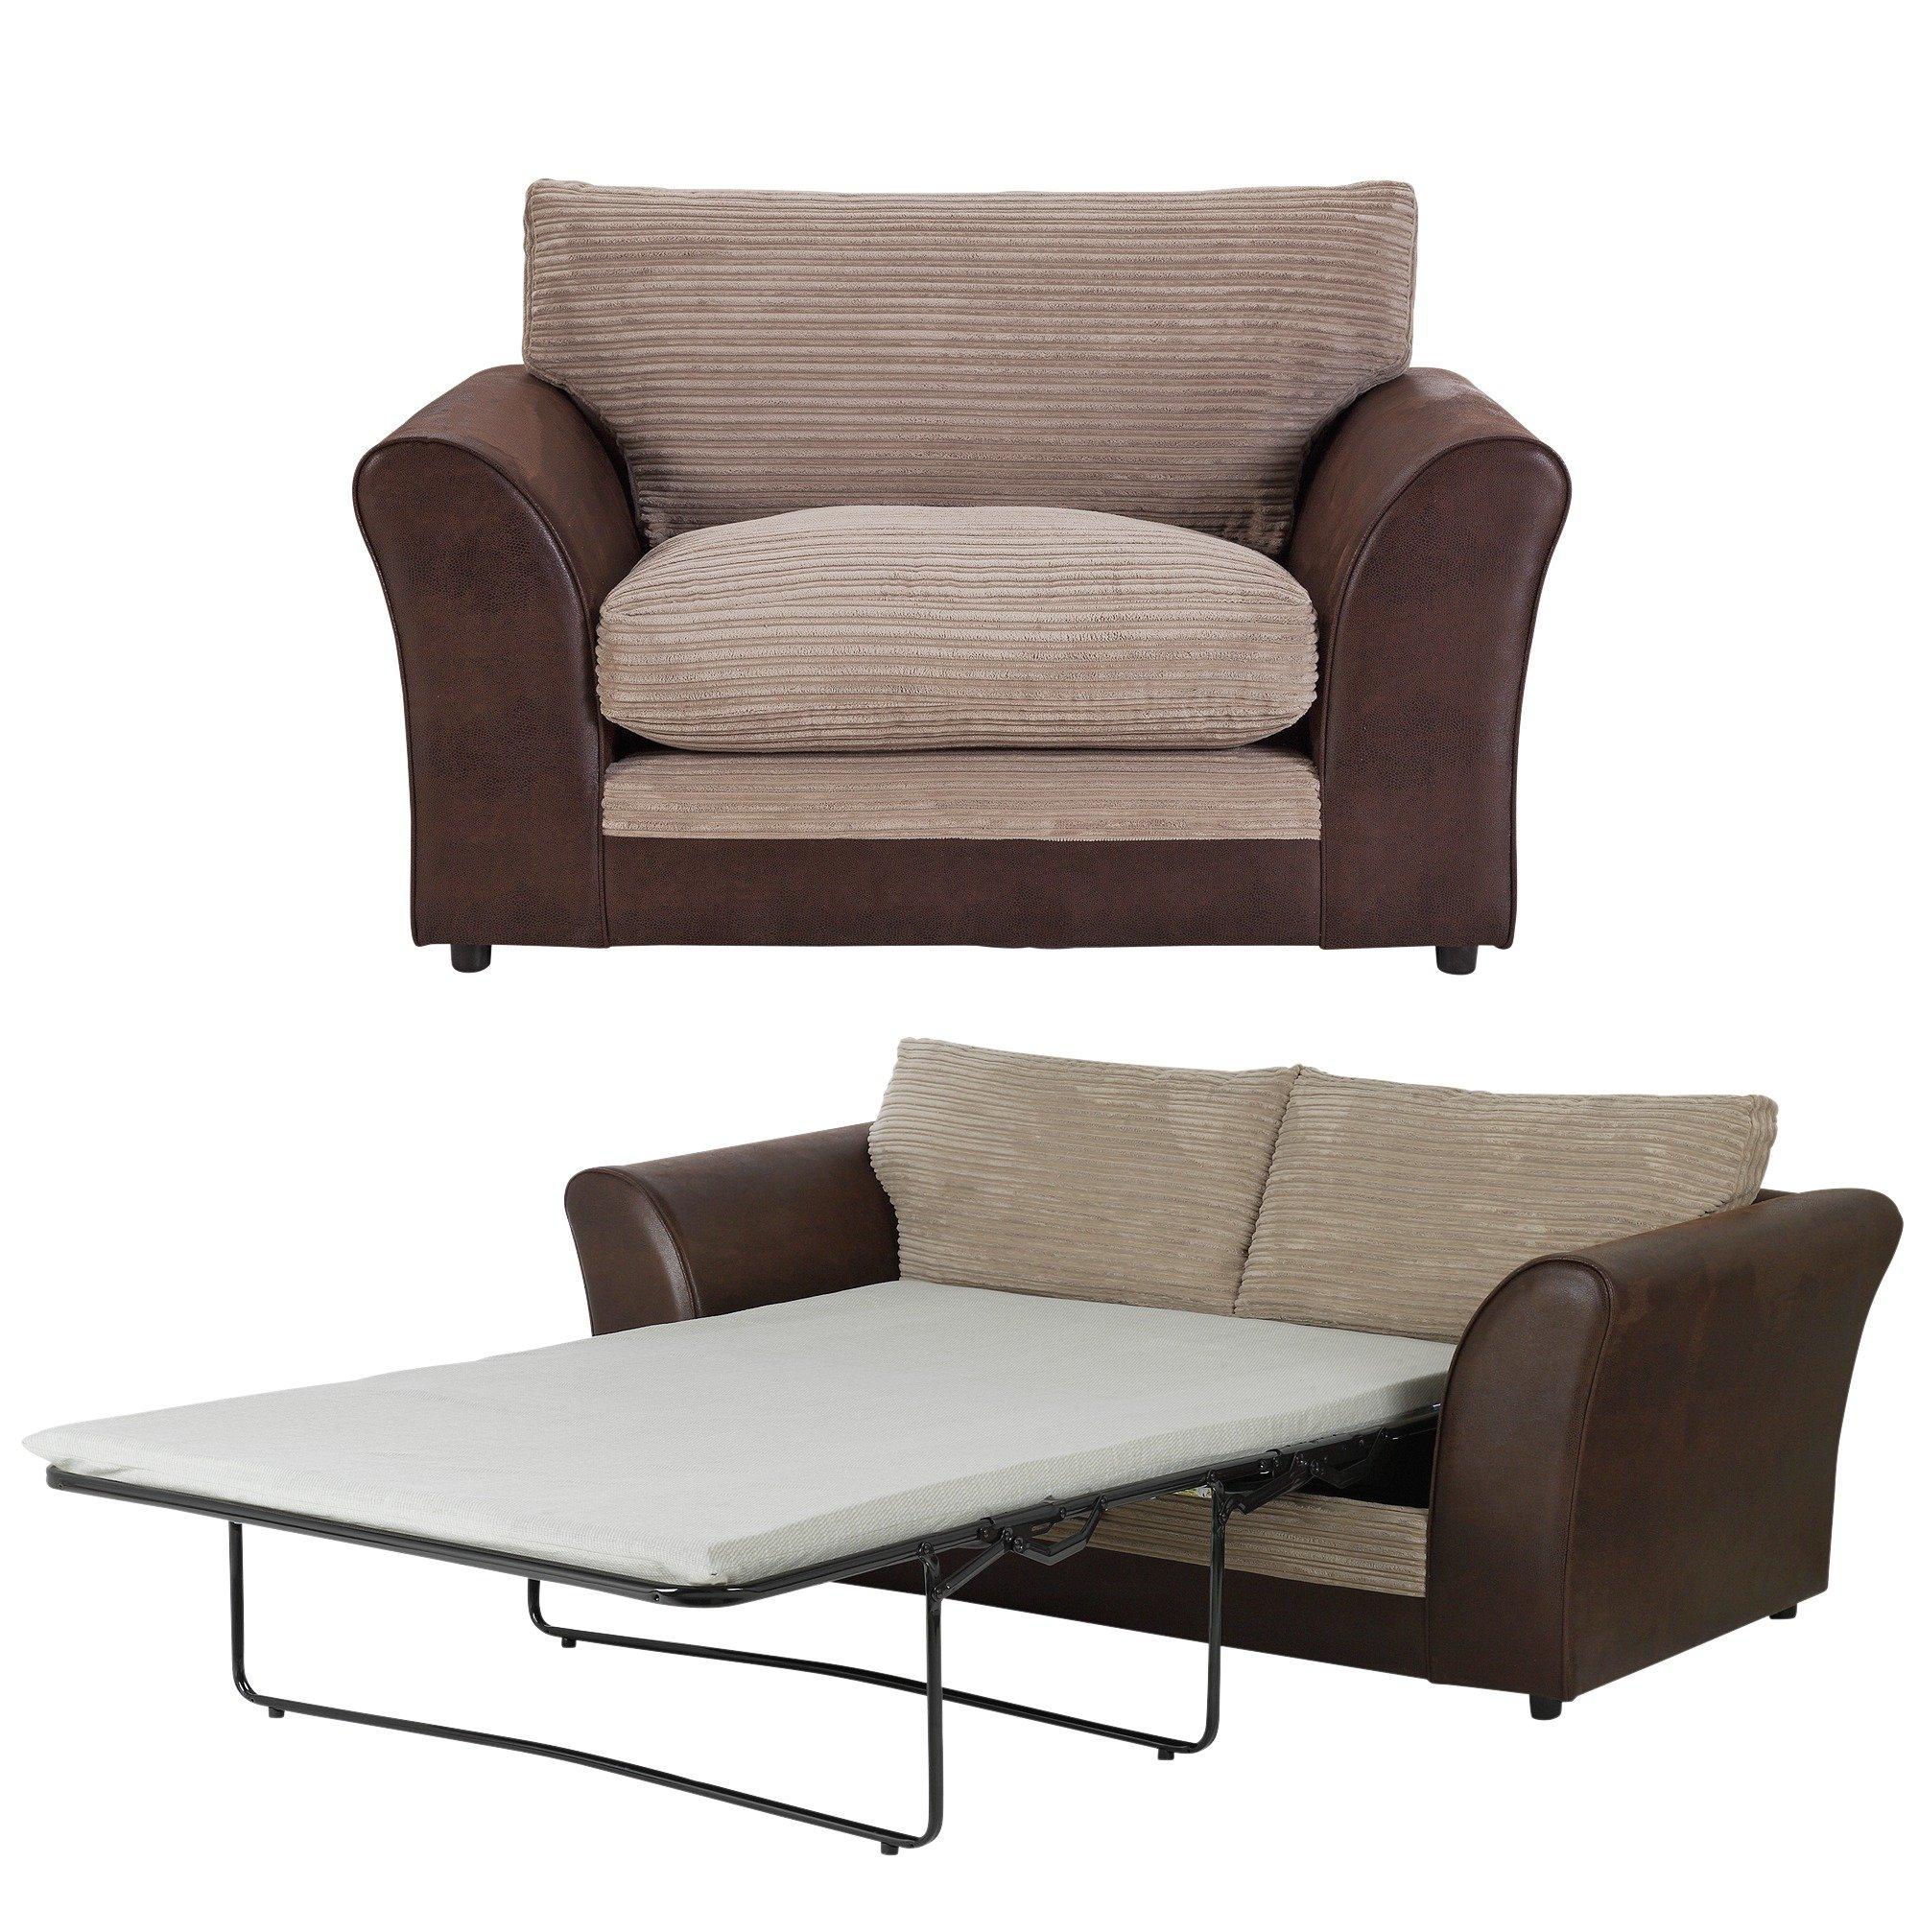 Sofa savers argos refil sofa for Sofa bed argos